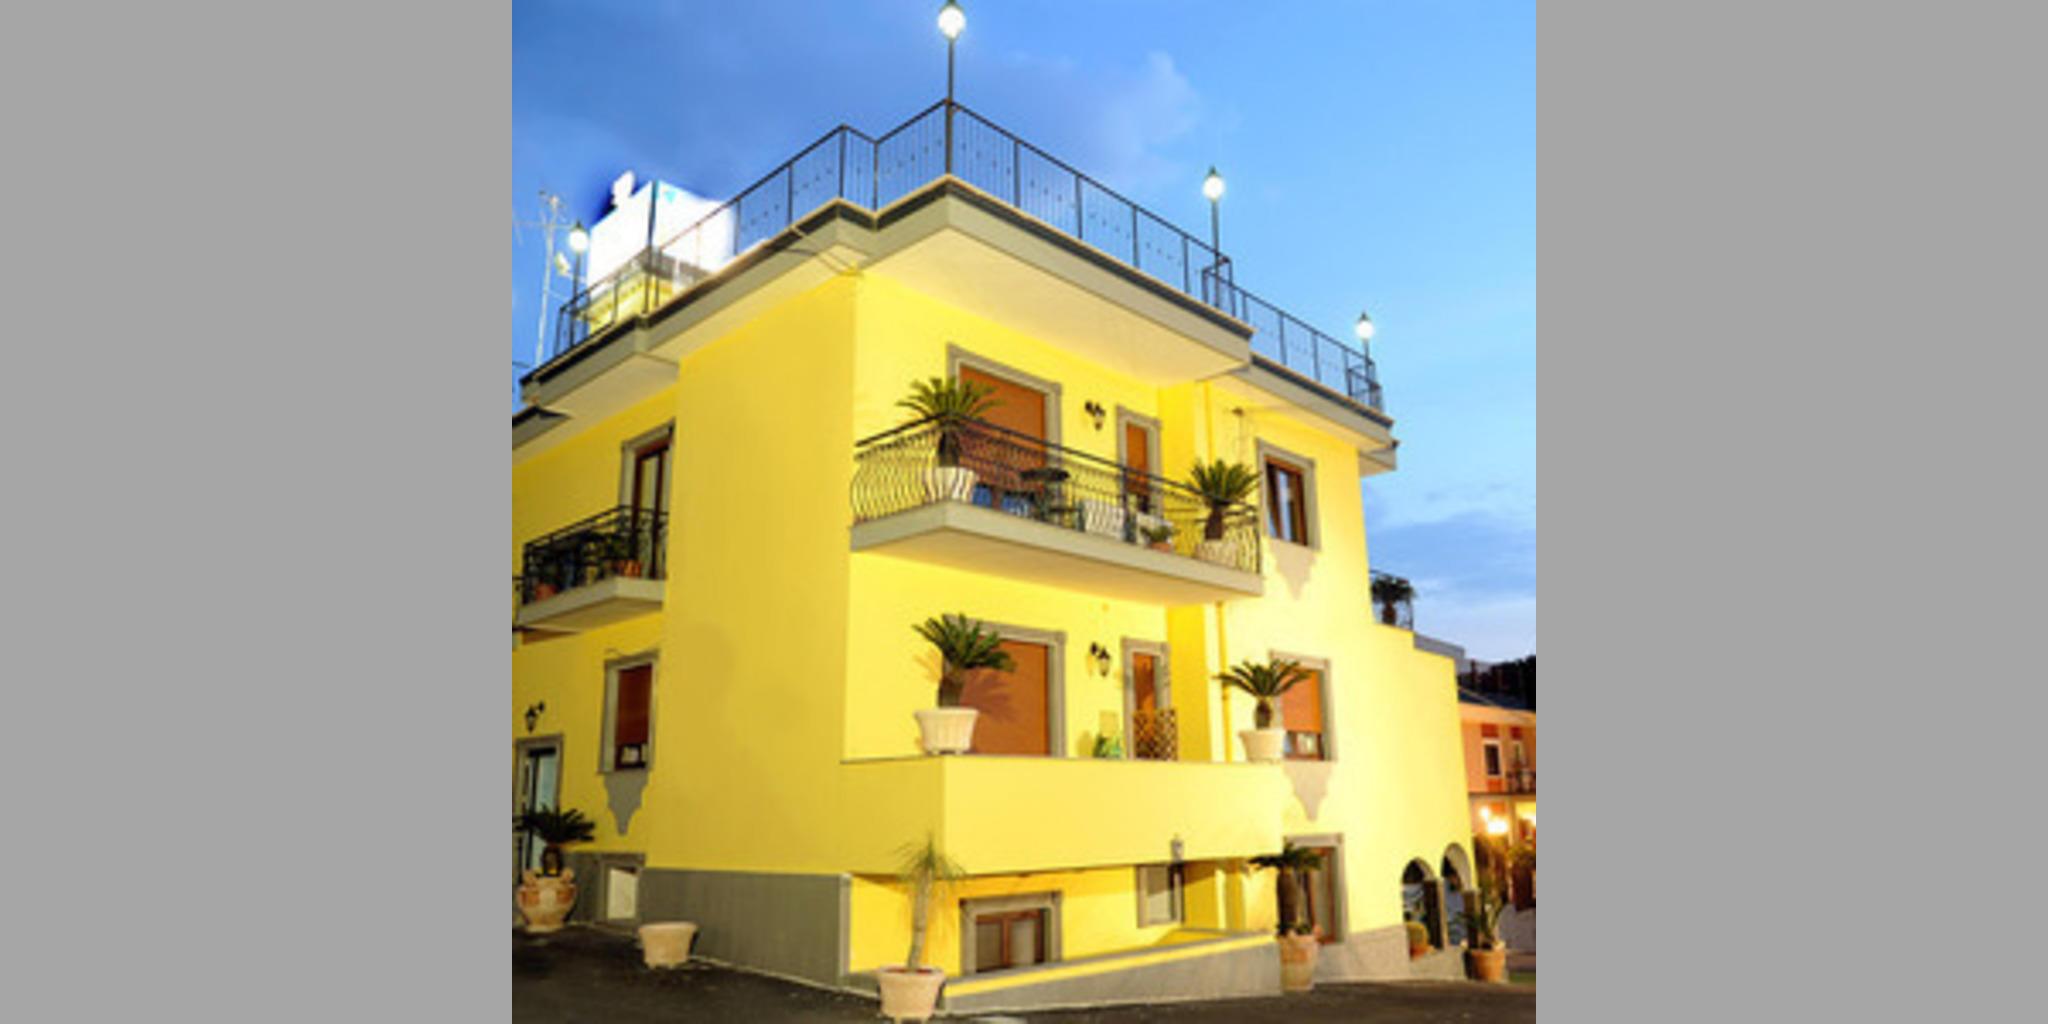 Hotel Pozzuoli - Montenuovo